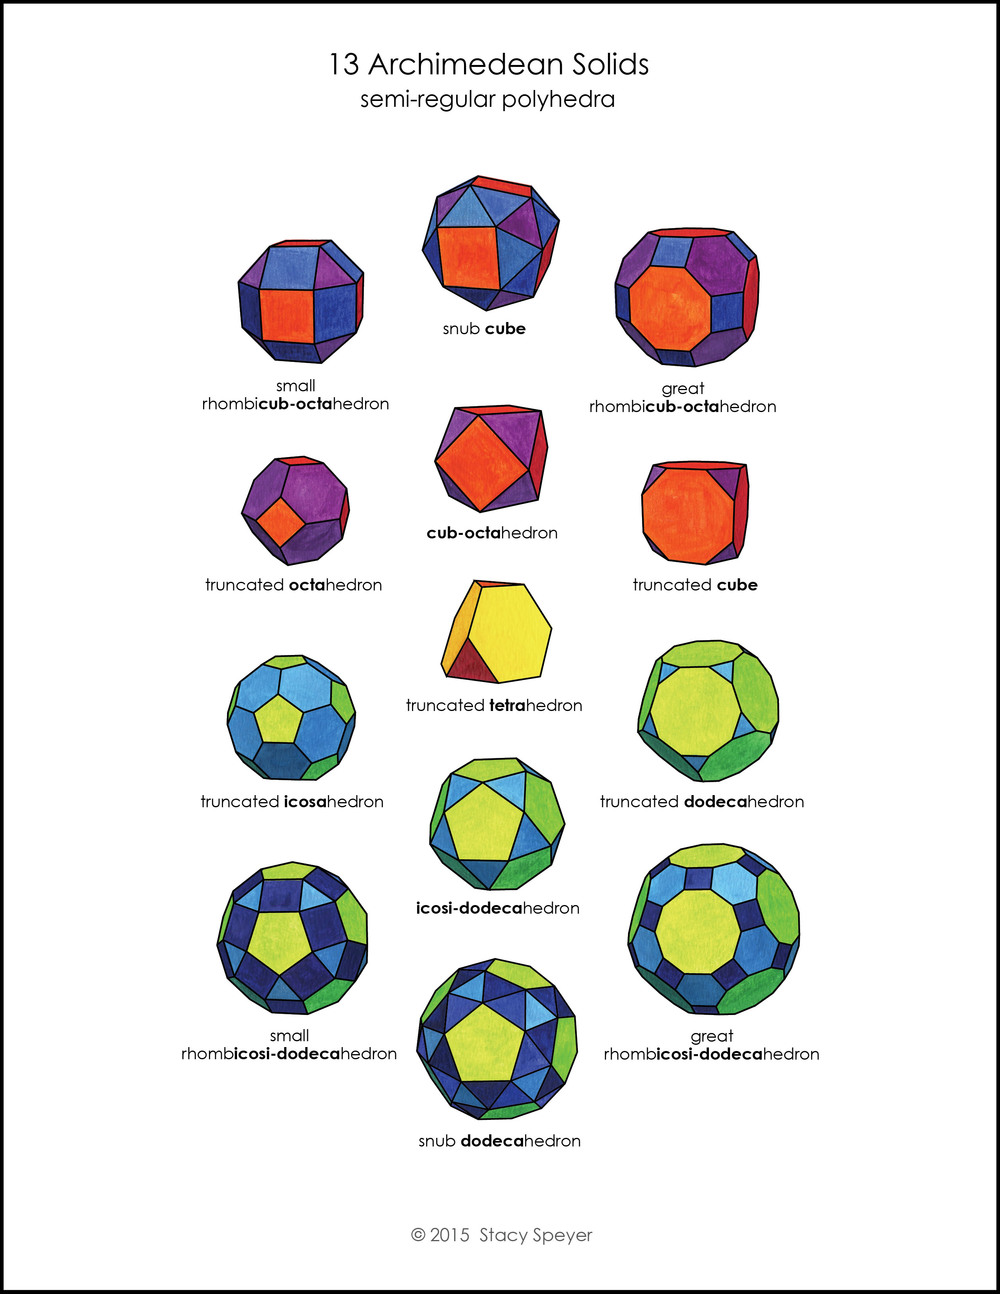 13Archimedean1b.jpg